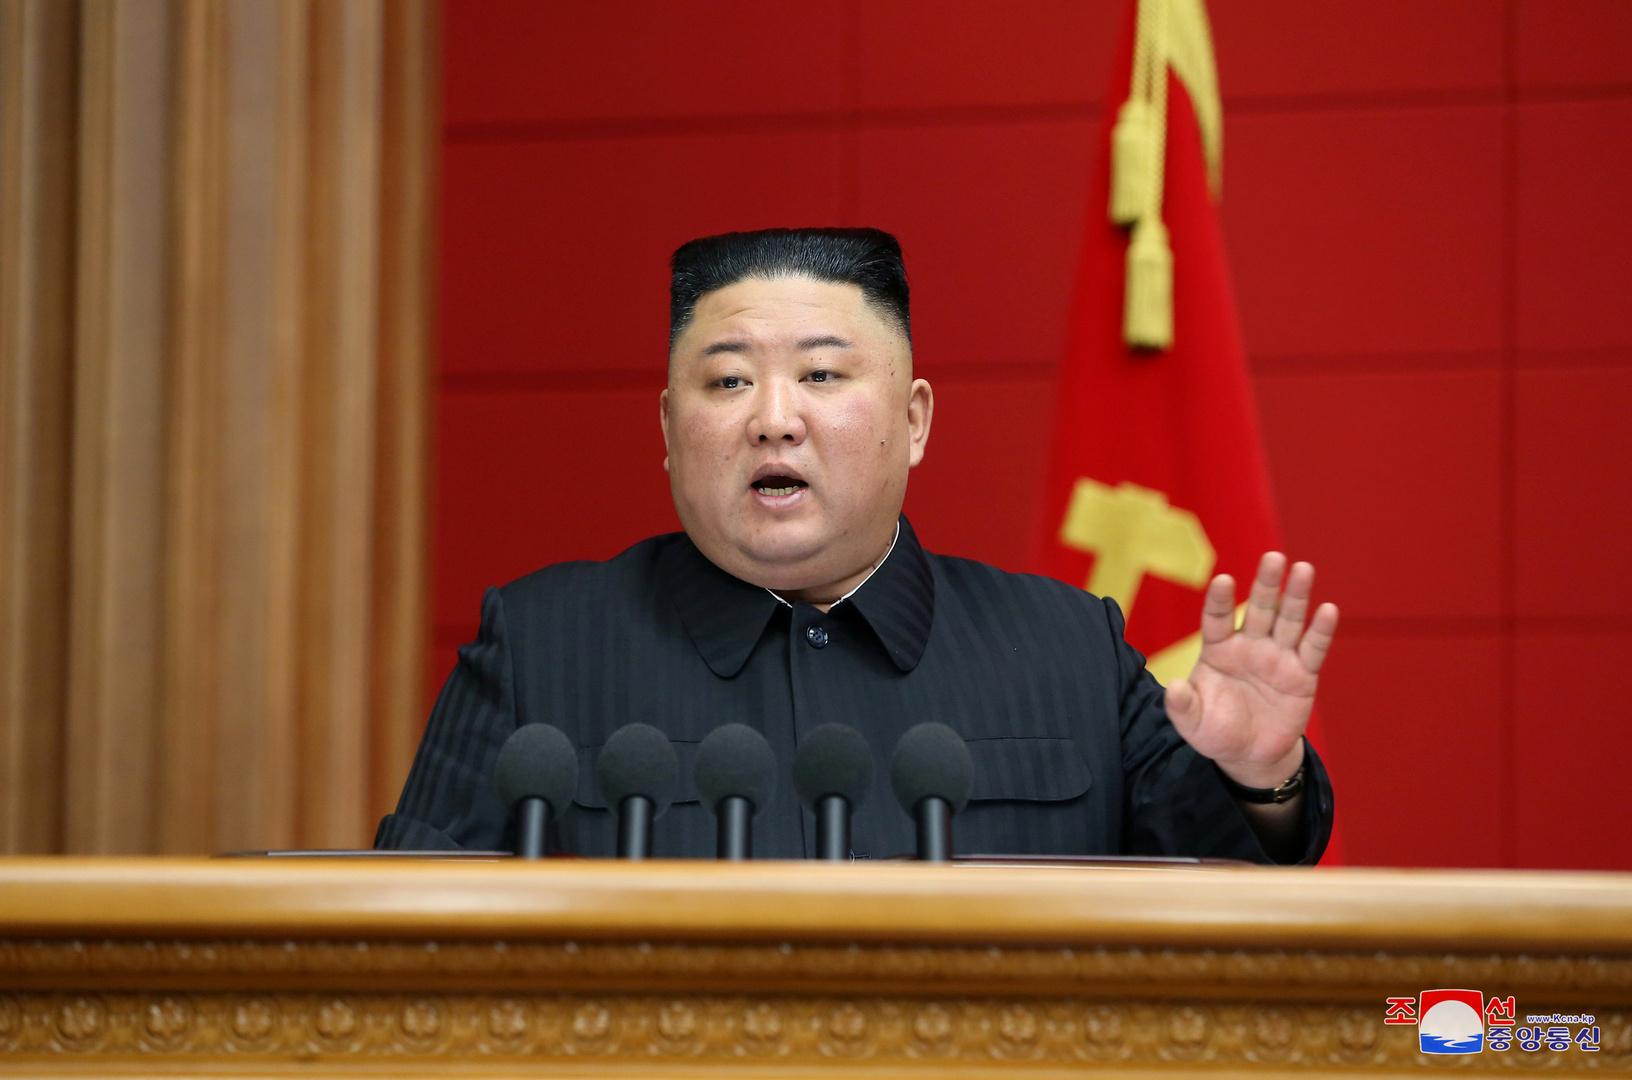 كوريا الشمالية: لم نسمع من النظام الجديد في الولايات المتحدة سوى